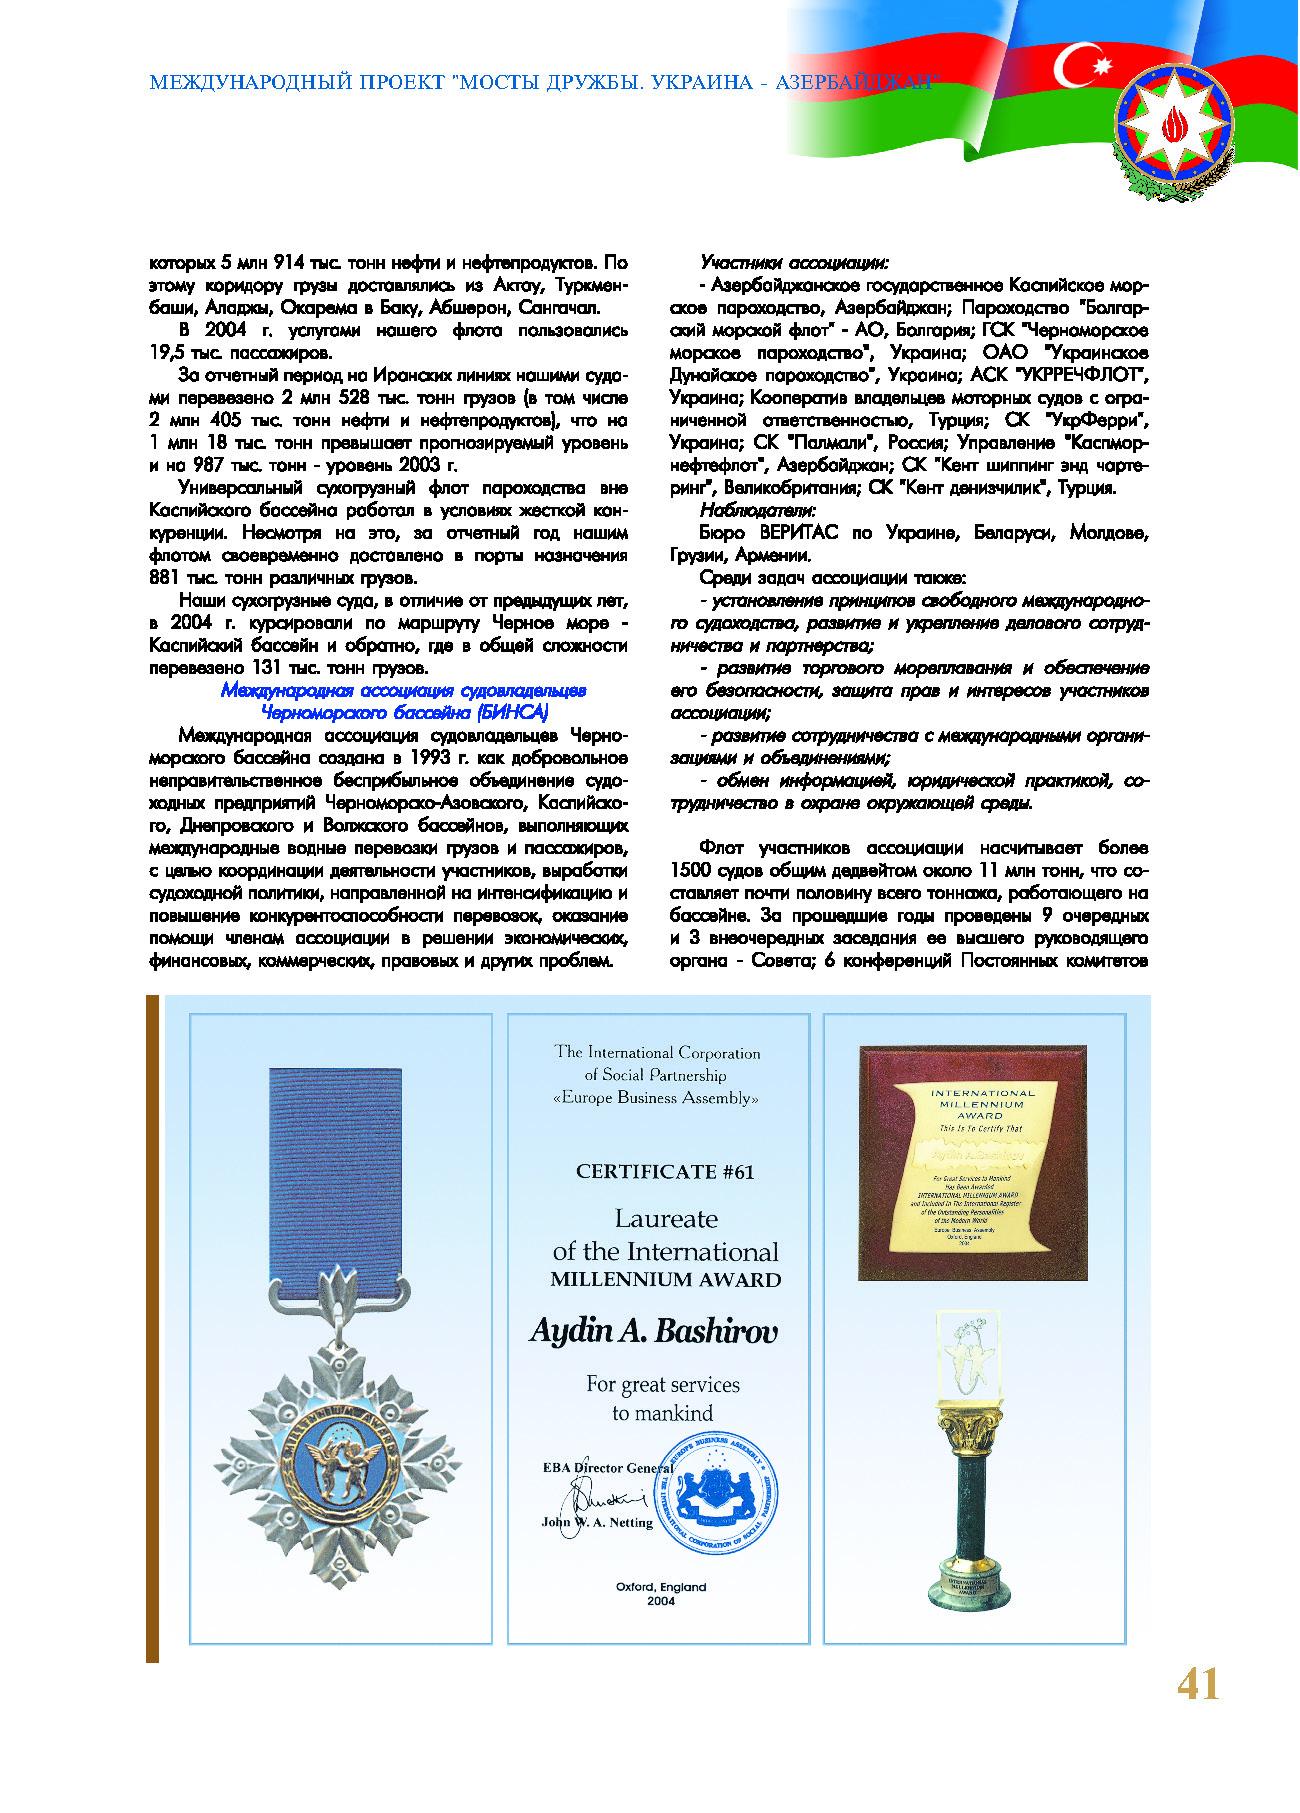 Азербайджанское государственное Каспийское морское пароходство